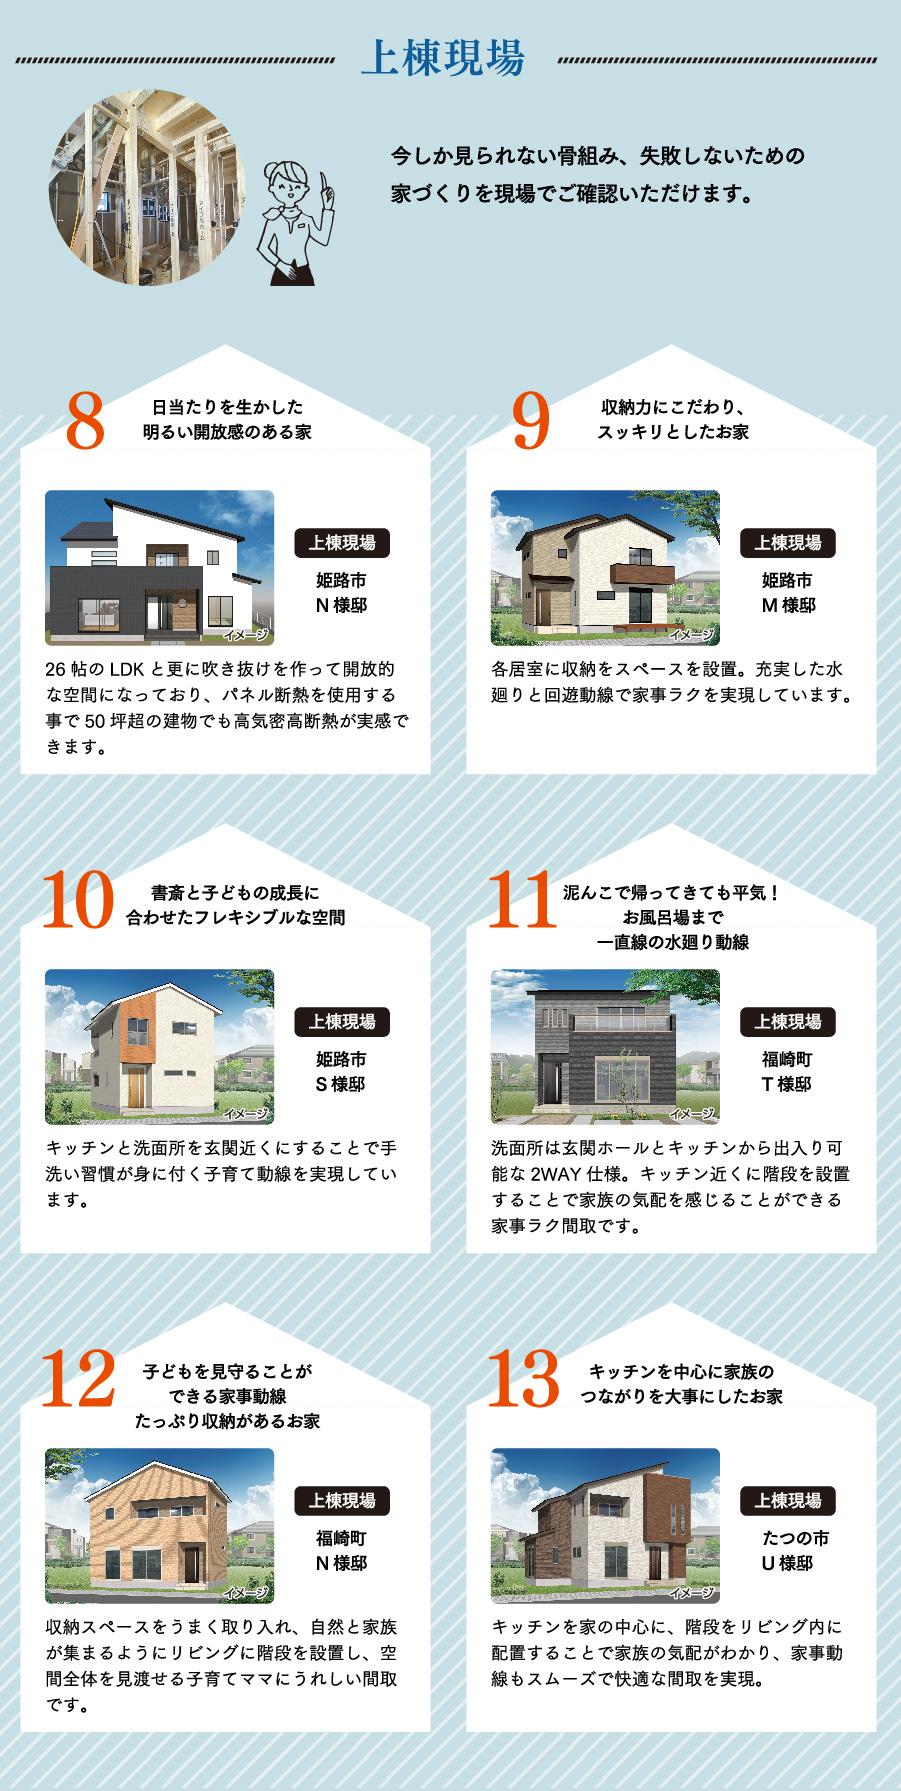 上棟現場6邸。今しか見られない骨組み、失敗しないための家づくりを現場でご確認いただけます。